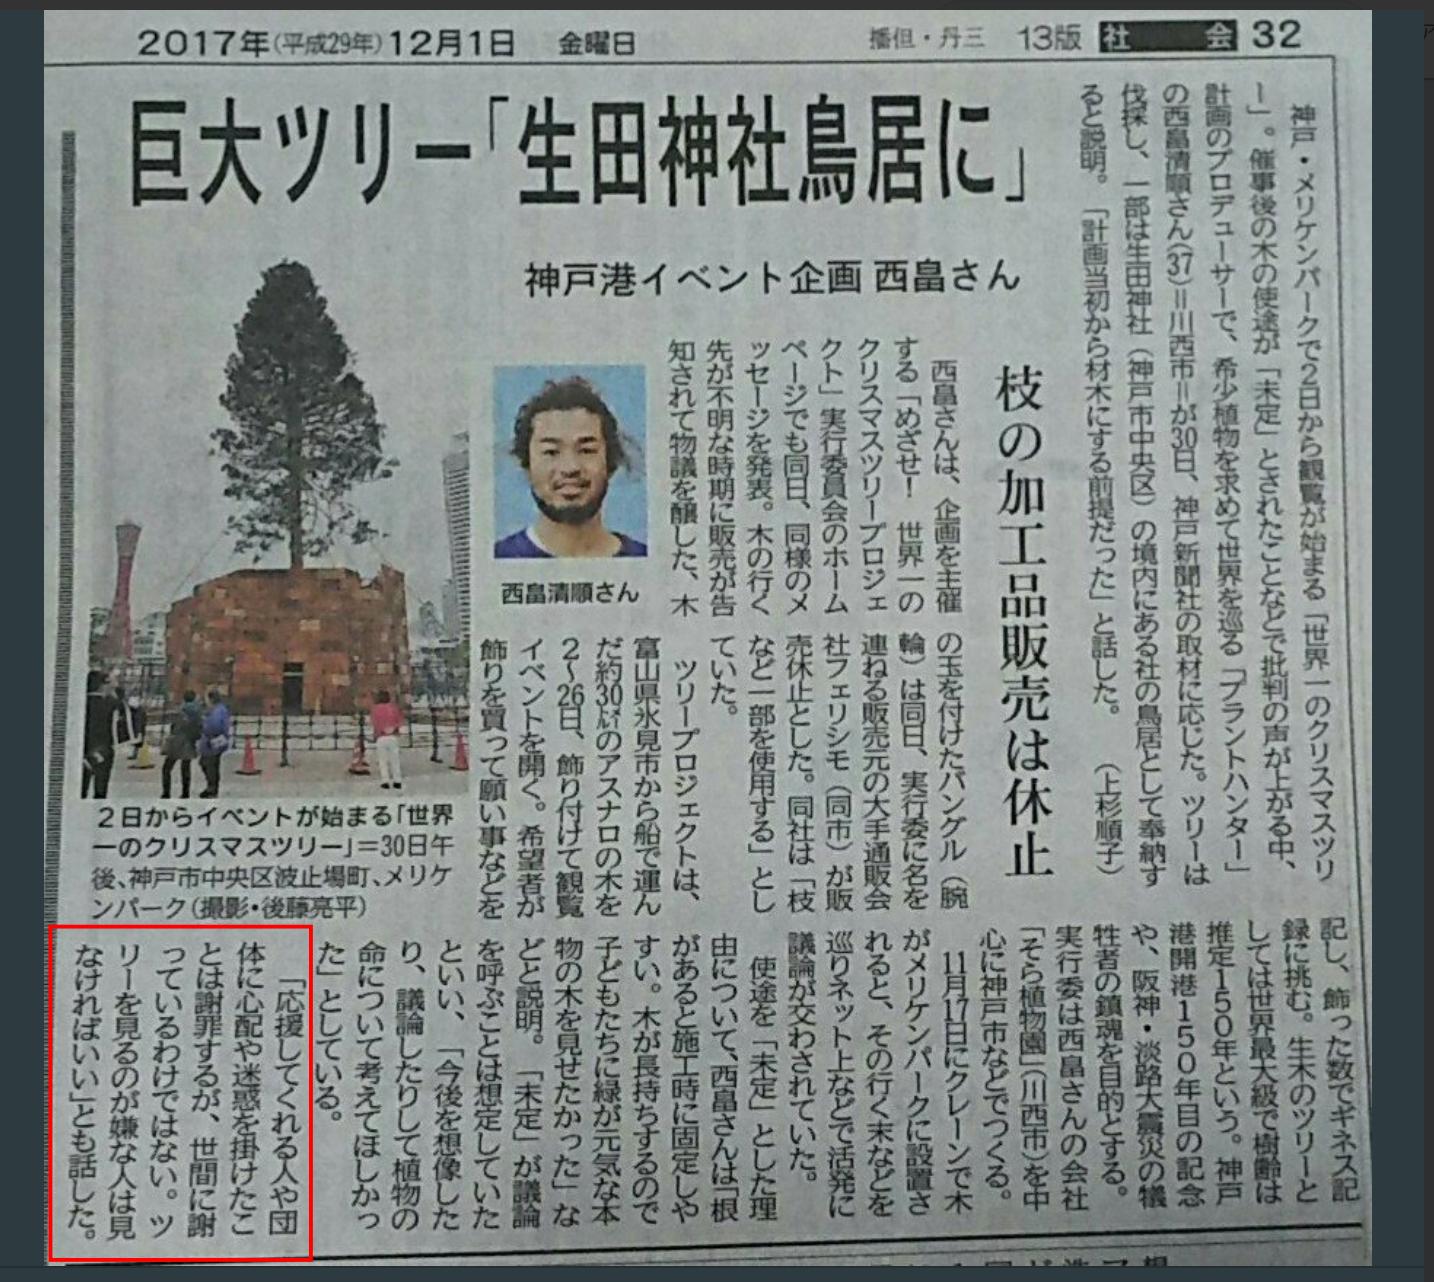 Nishihata_statement2_pic